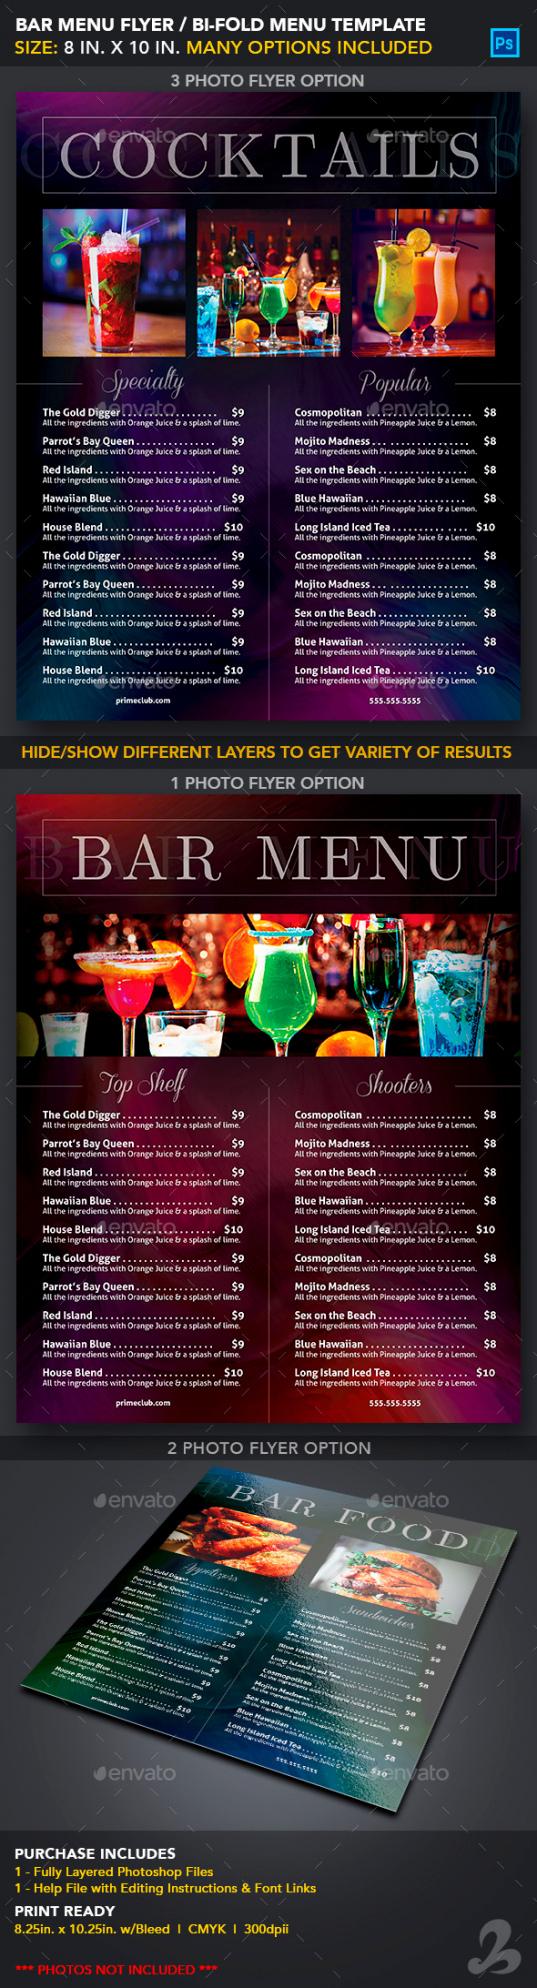 printable bar menu template graphics designs & templates bar drinks menu template pdf